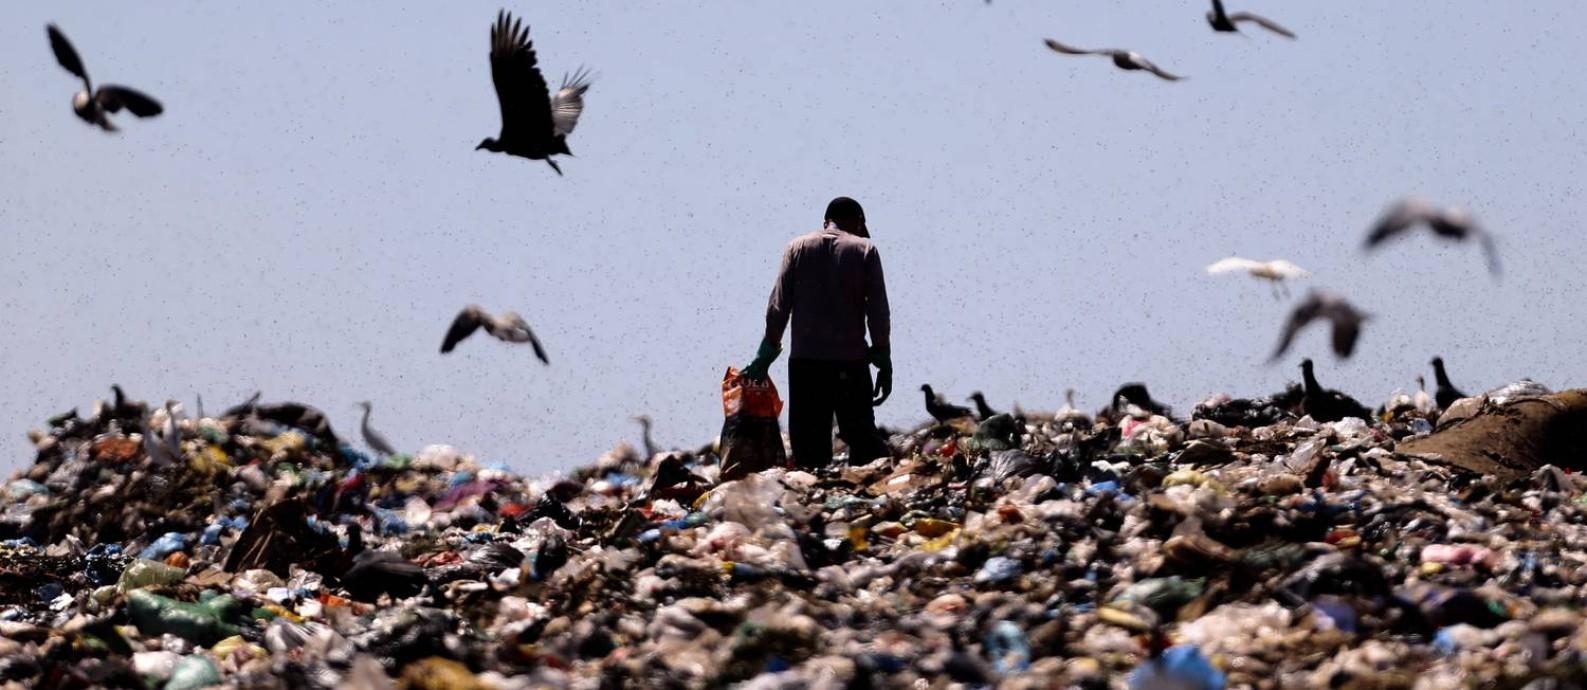 Catador no último dia do Lixão da Estrutural, em Brasília: governos esboçam planos para trocar despejos irregulares de resíduos por aterros sanitários regionais Foto: Jorge William / Agência O Globo/19-1-2018